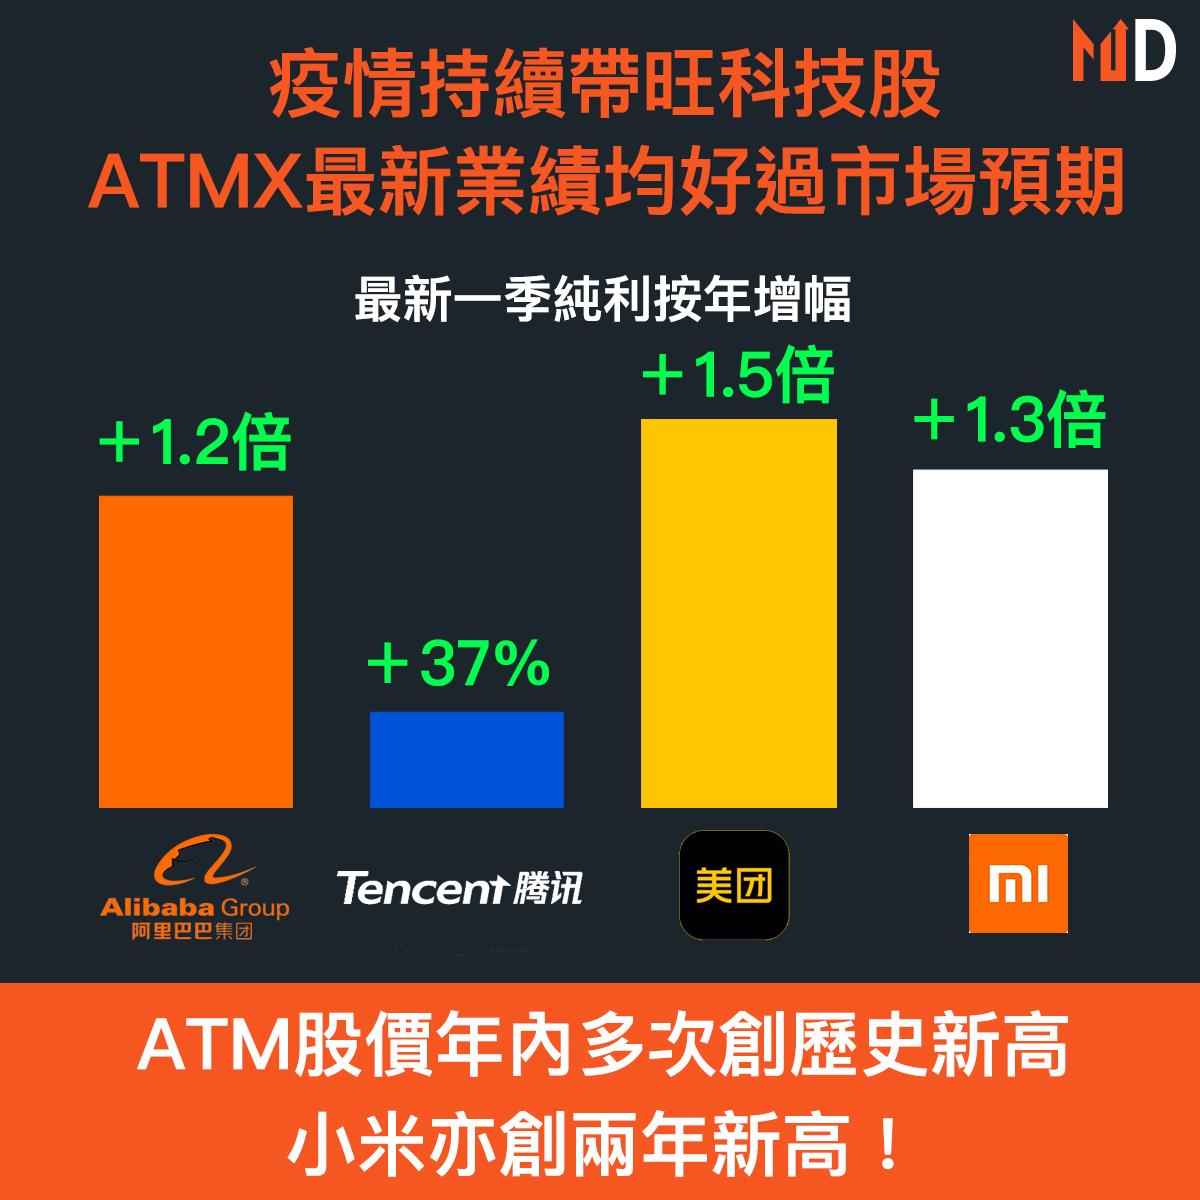 【熱門股對決】疫情持續帶旺科技股,ATMX最新業績均好過市場預期